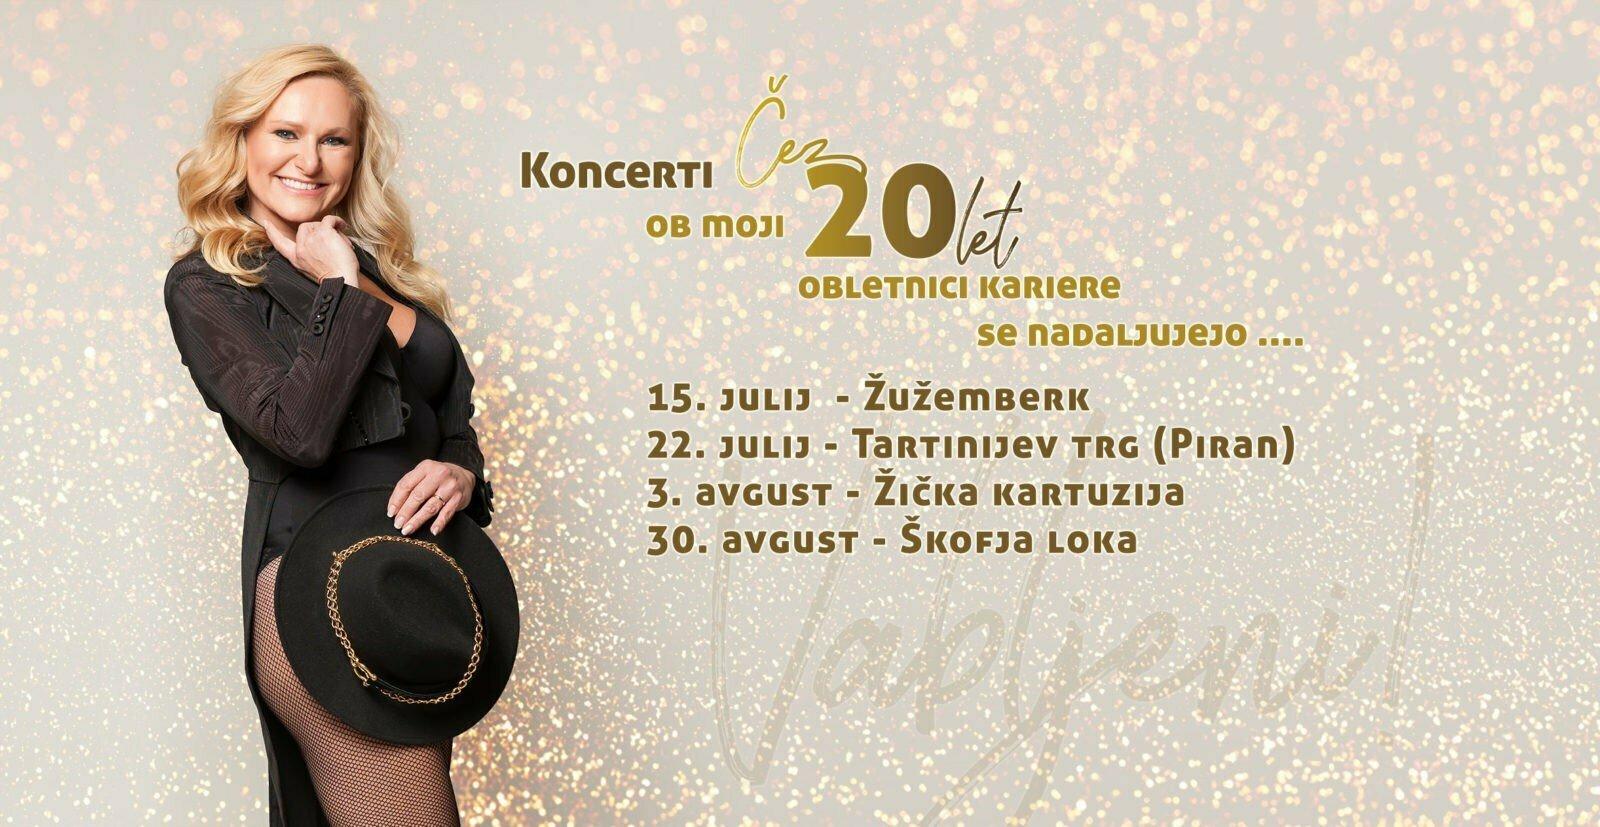 koncerti poletje - Srednjeveški koncert za 2 x 20 let!